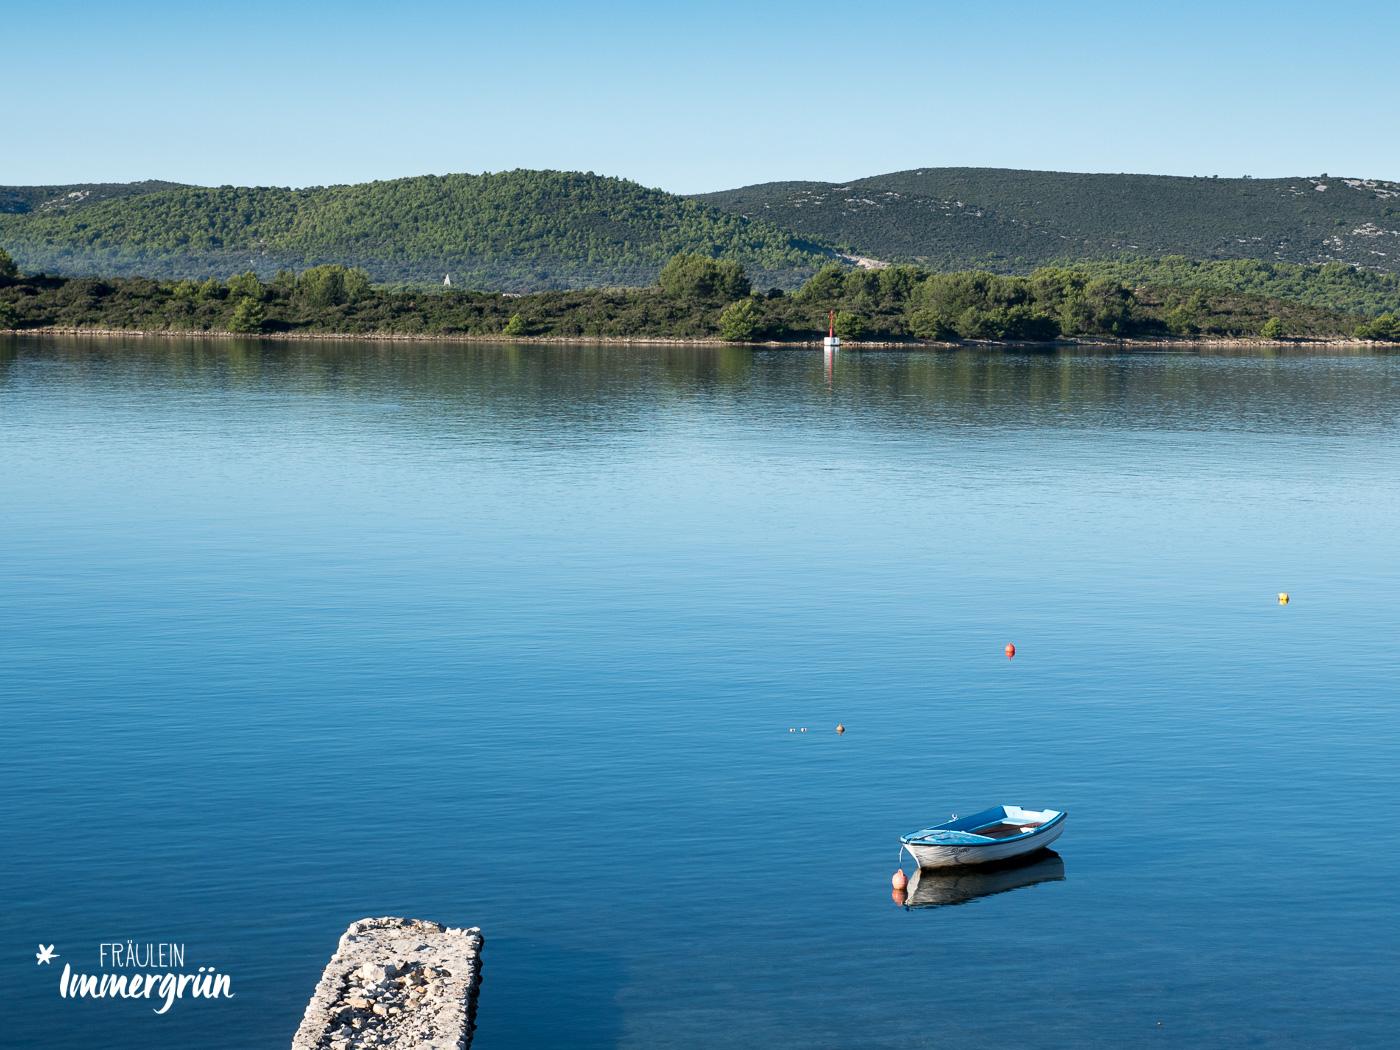 Dalmatien in Kroatien: Urlaub an der dalmatinischen Küste in der Nebensaison